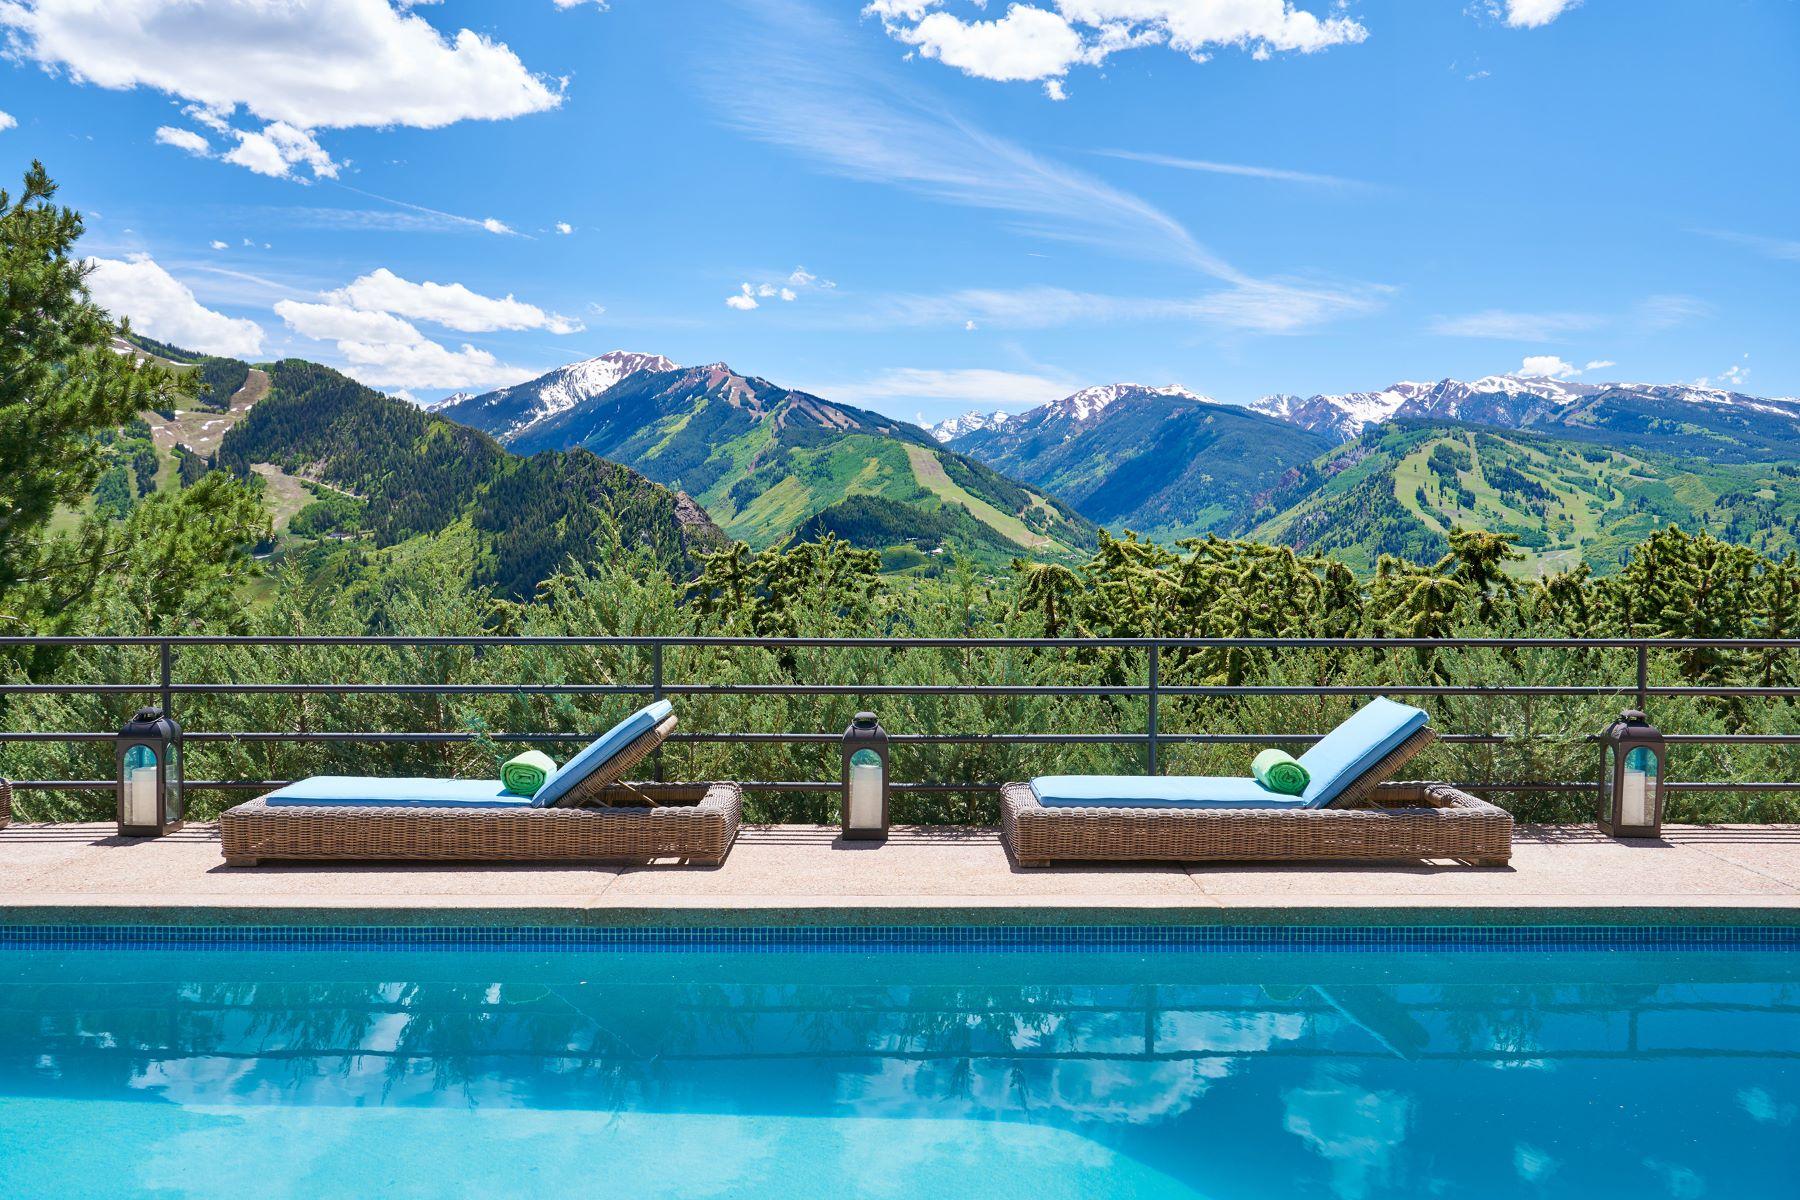 Casa Unifamiliar por un Venta en Best of Red Mountain 85 Sabin Drive Aspen, Colorado 81611 Estados Unidos